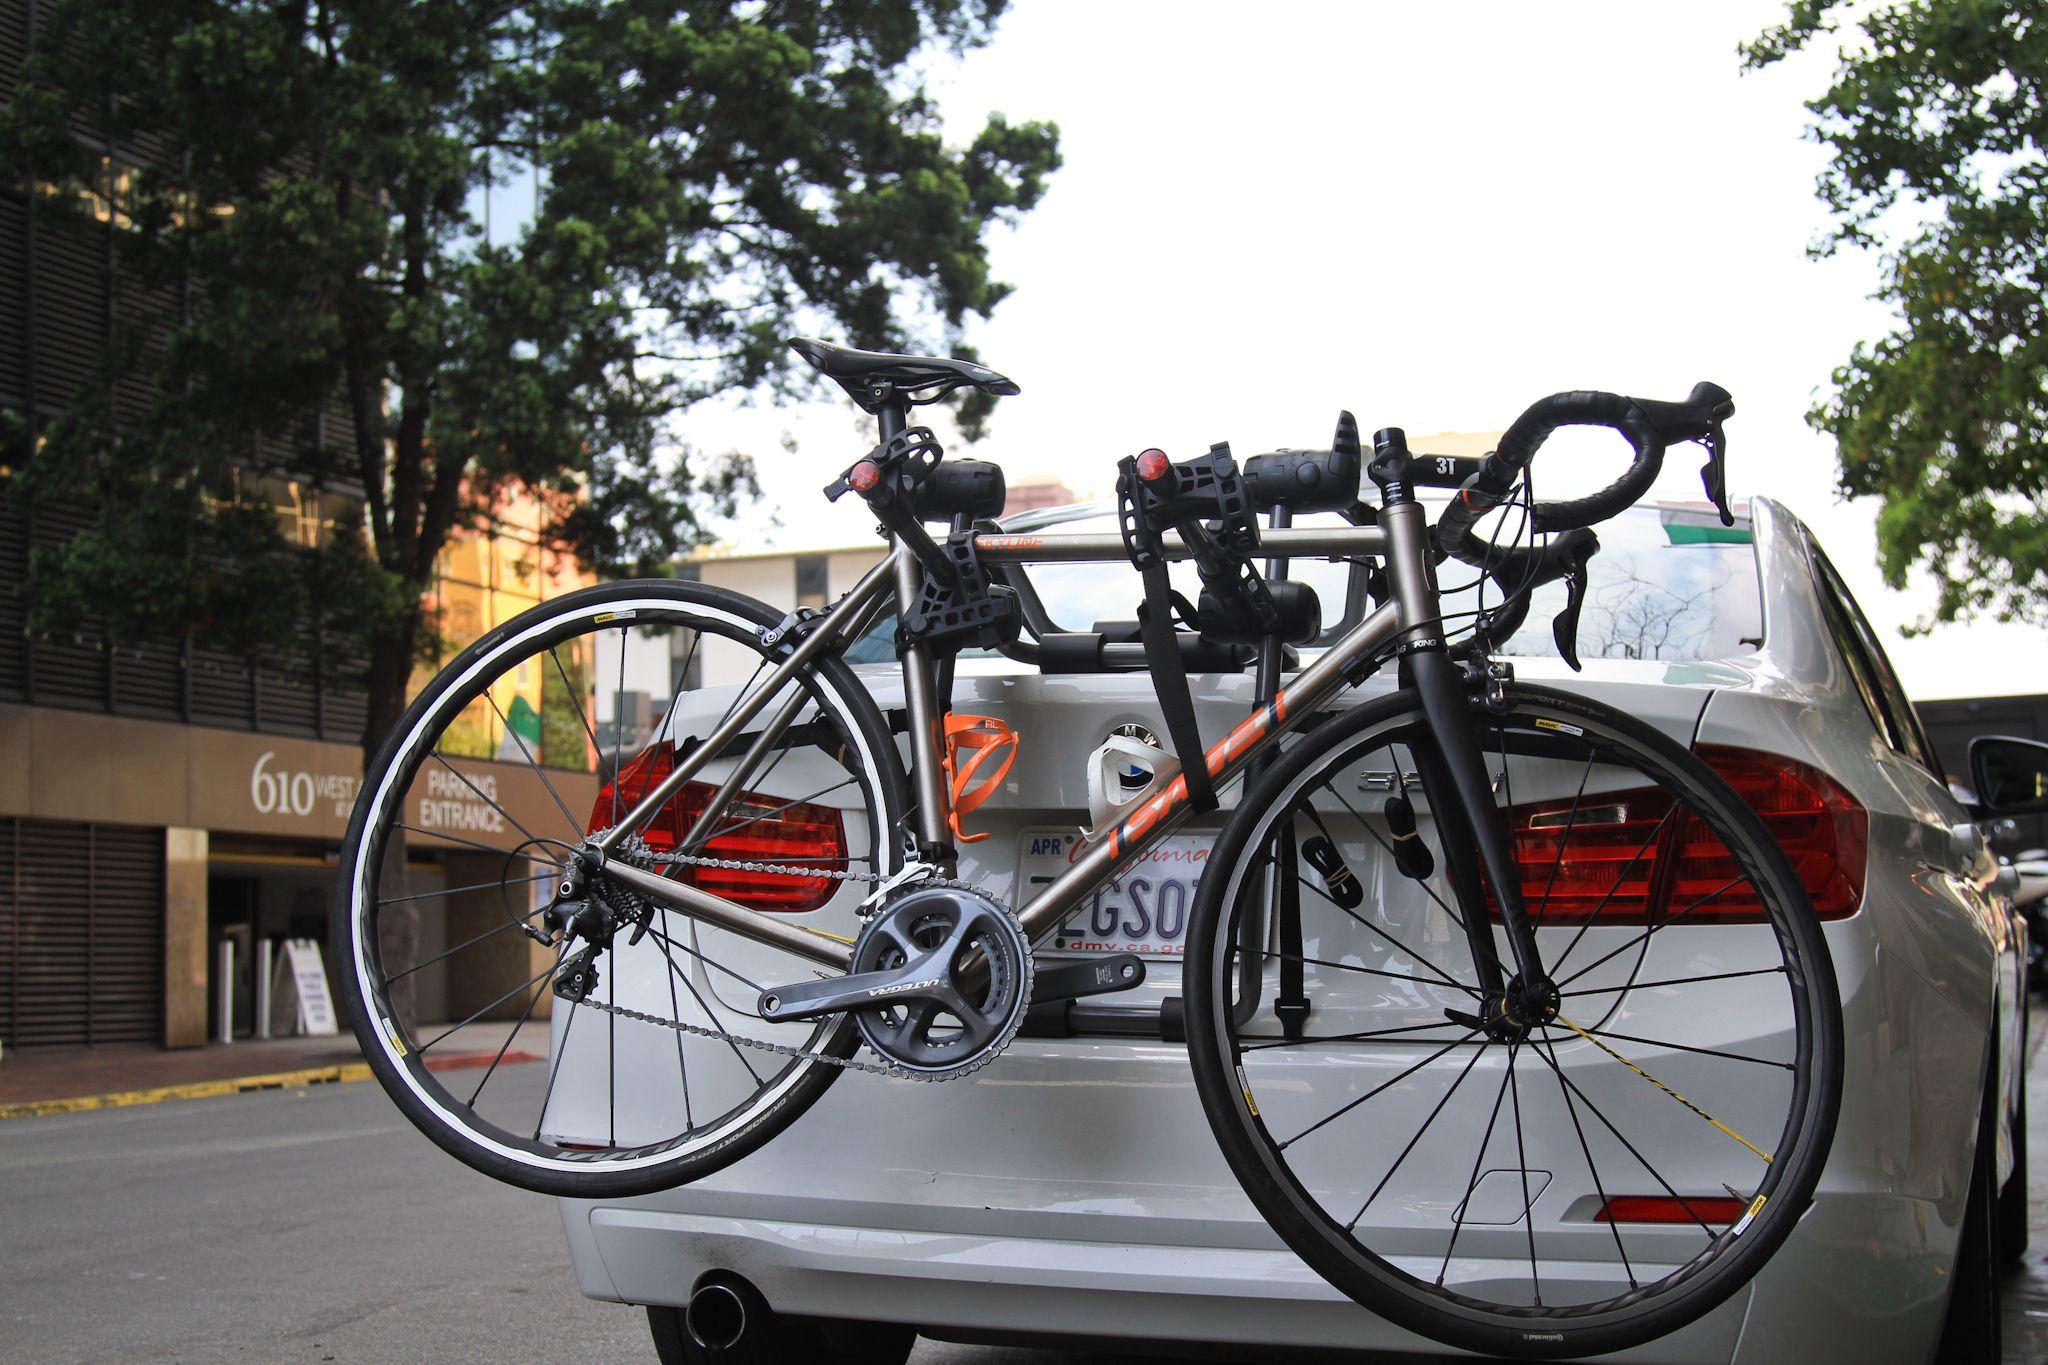 Expedition F6 Trunk Bike Rack Trunk Bike Rack Hitch Bike Rack